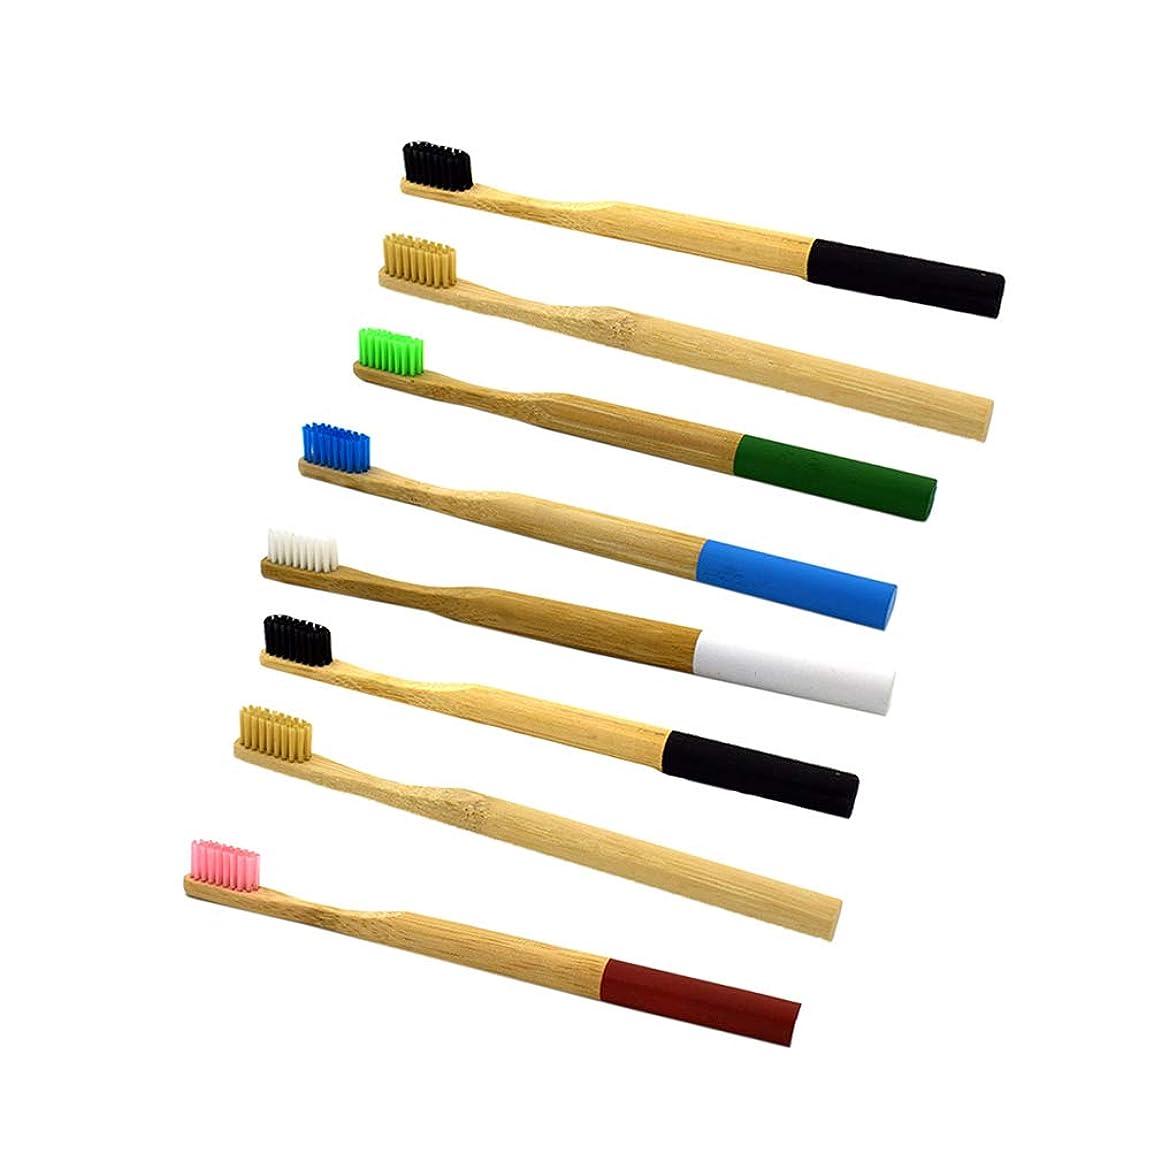 国家器具宇宙飛行士Healifty 8本 竹炭の歯ブラシ 竹の歯ブラシ 分解性 環境保護の歯ブラシ 天然の柔らかいブラシ 混合色 4本入